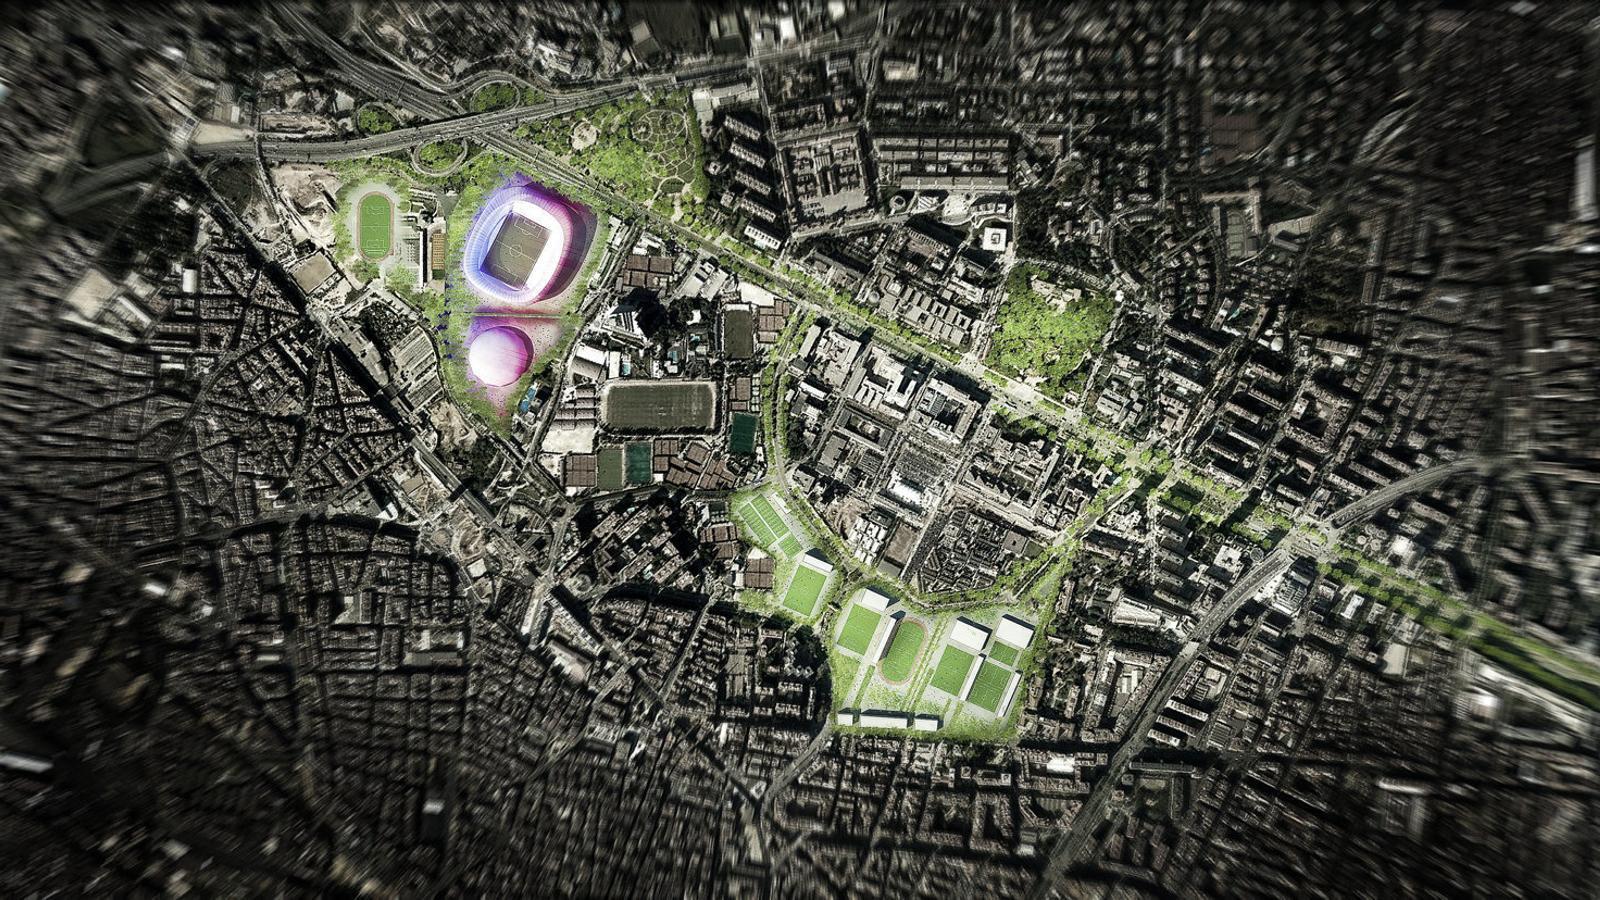 1. Recreació del nou estadi culer a la Diagonal. 2. Plànol de la ciutat, amb la permuta entre l'UB Esports i el Barça.